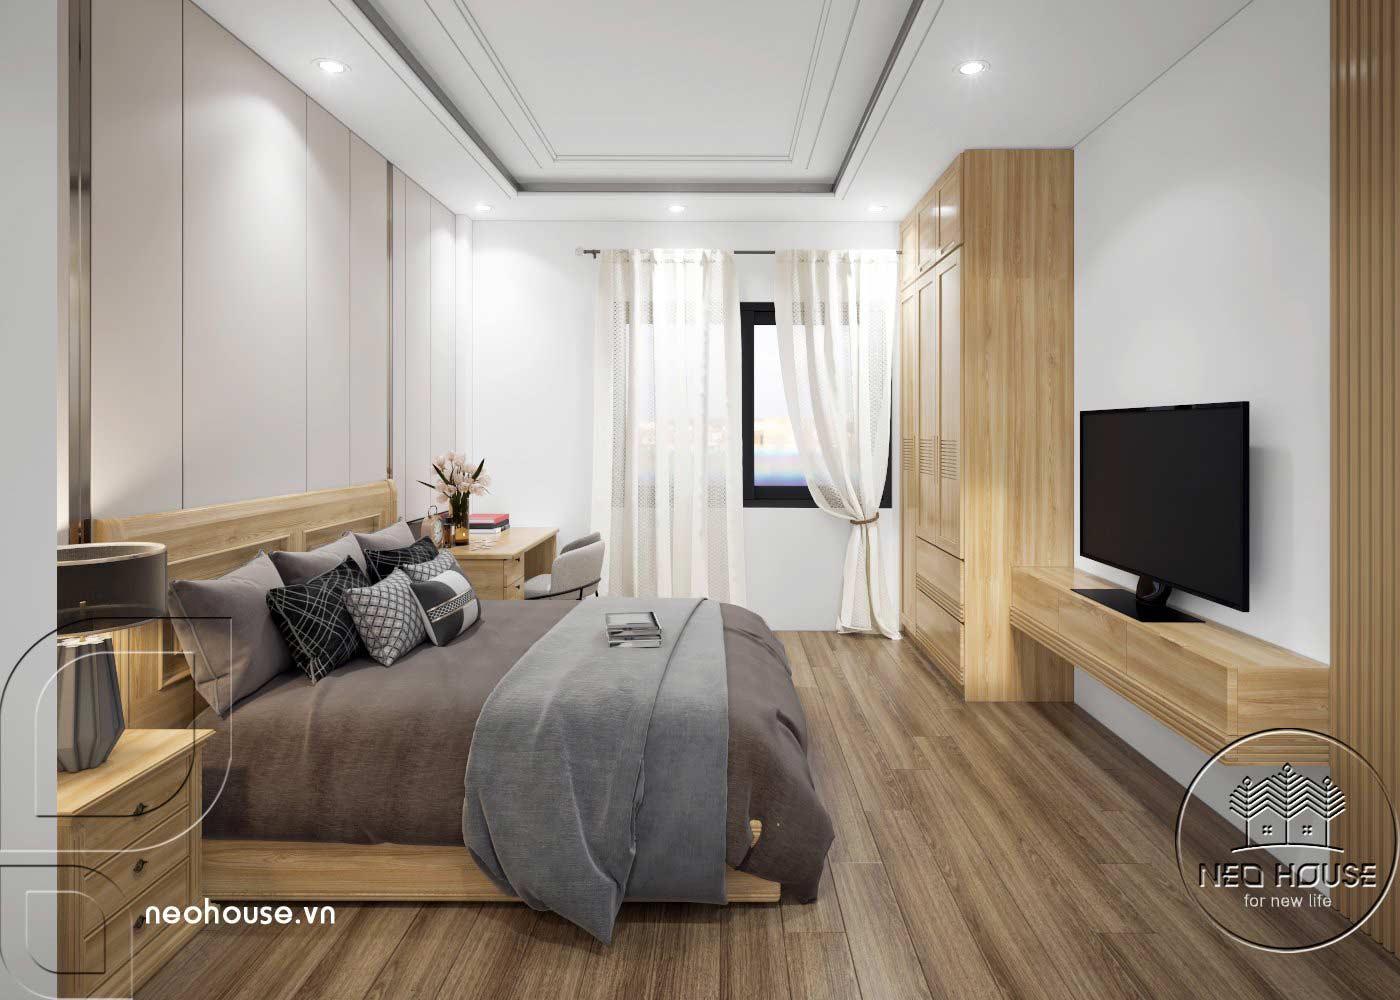 Thiết kế thi công cải tạo nhà phố 3 tầng với không gian nội thất phòng ngủ 03. Ảnh 2